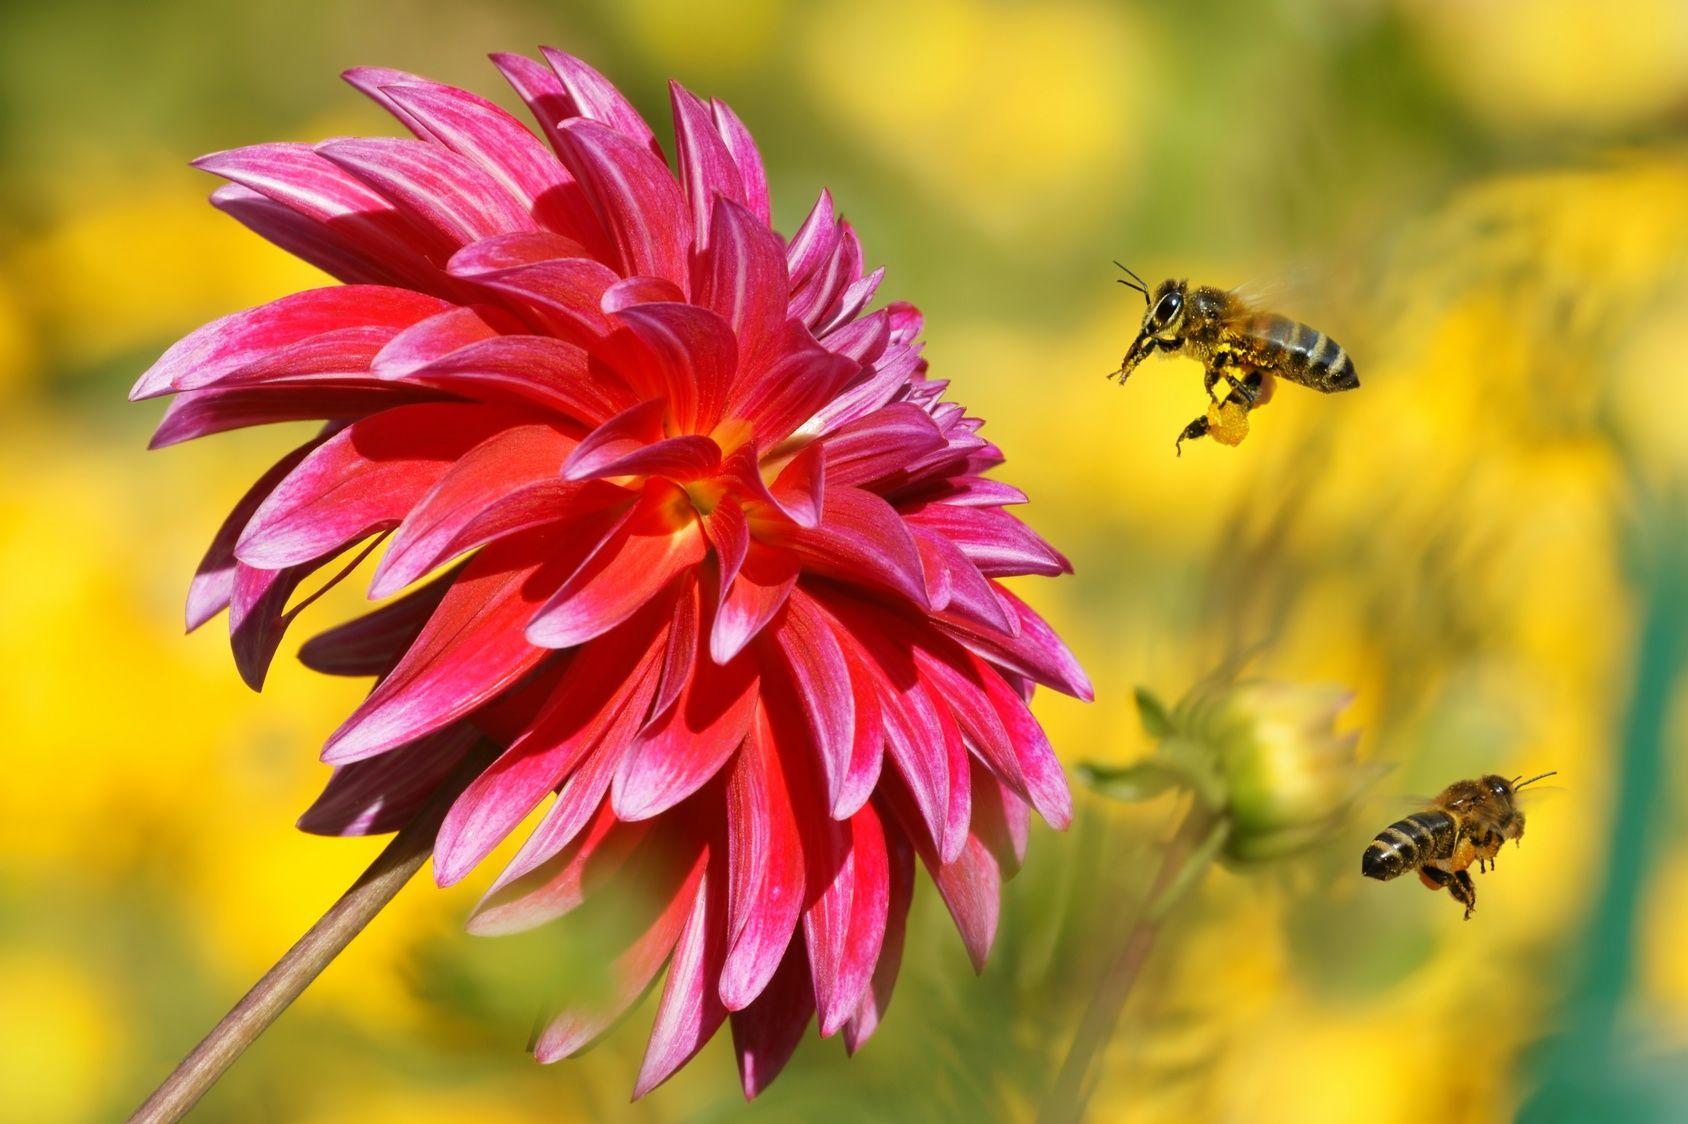 Comment attirer les abeilles abeille abeille comment - Comment attirer les oiseaux dans son jardin ...